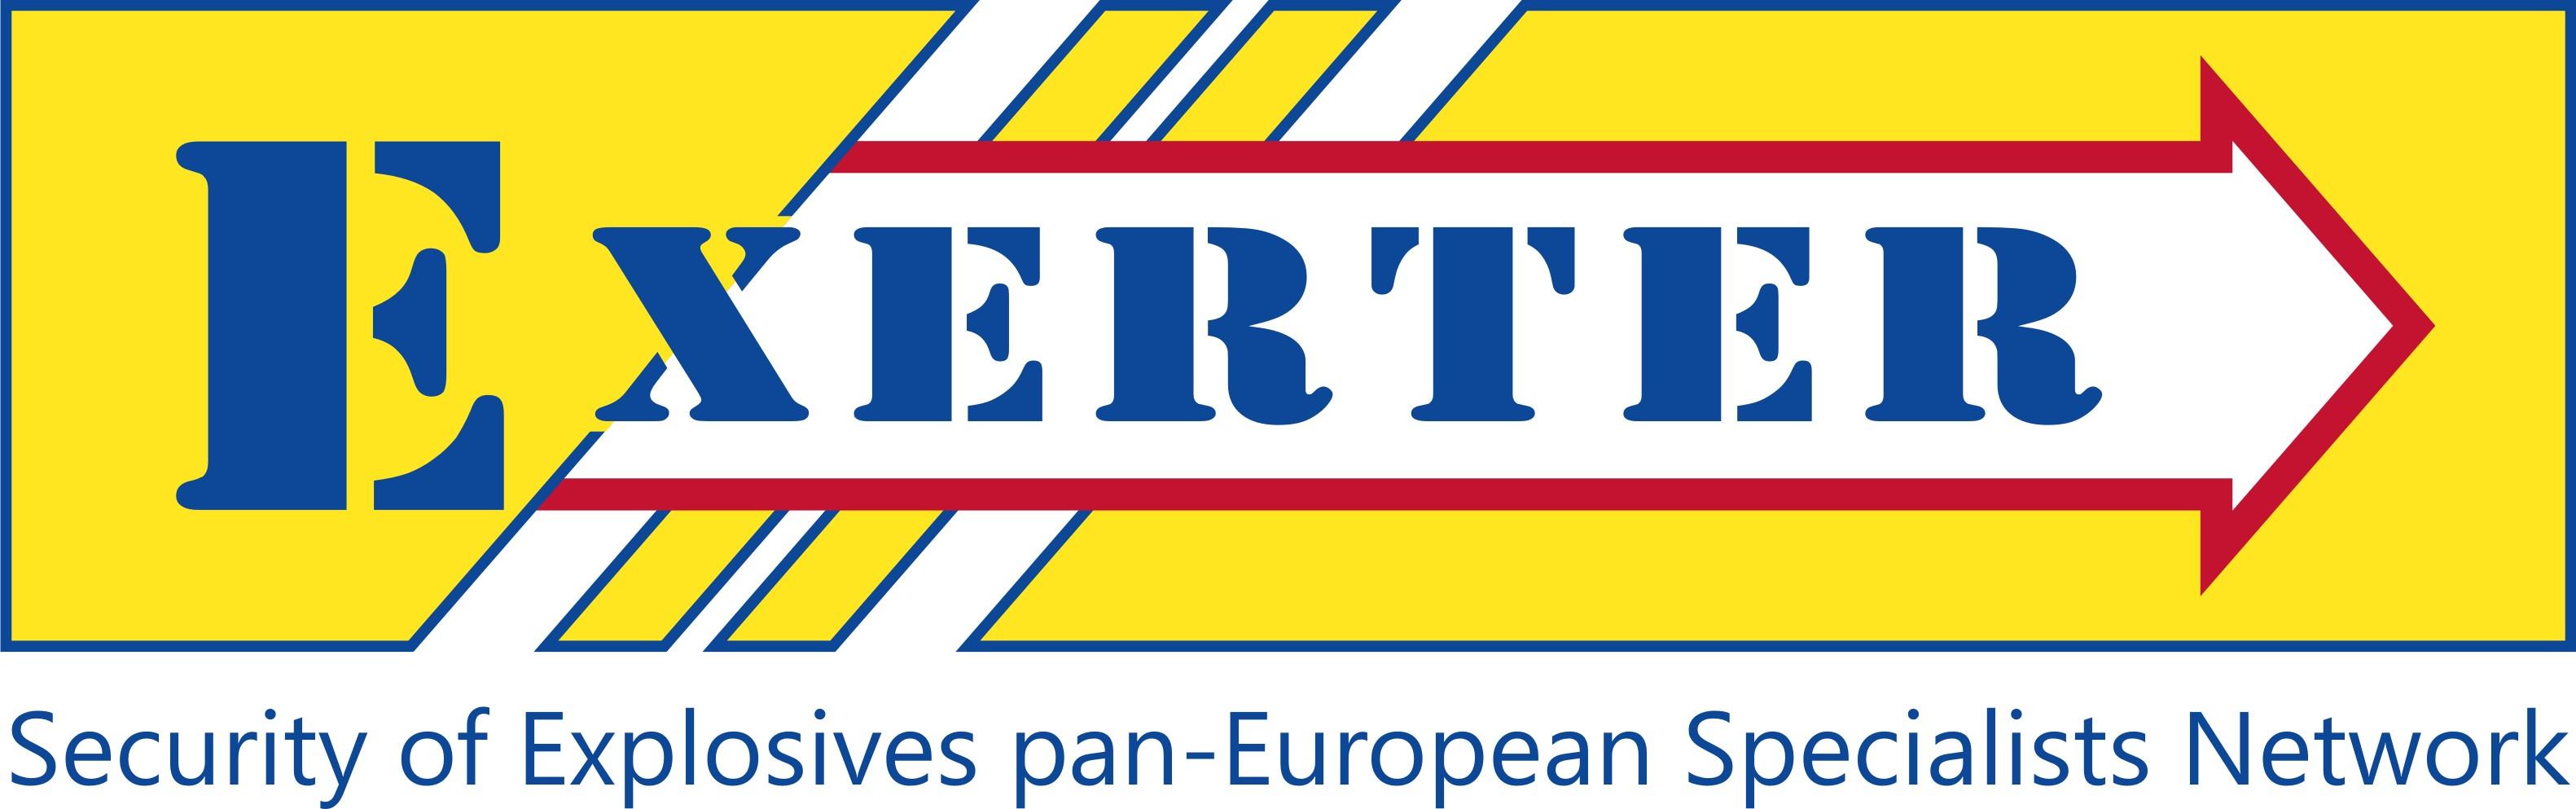 Exerter logo_colour text